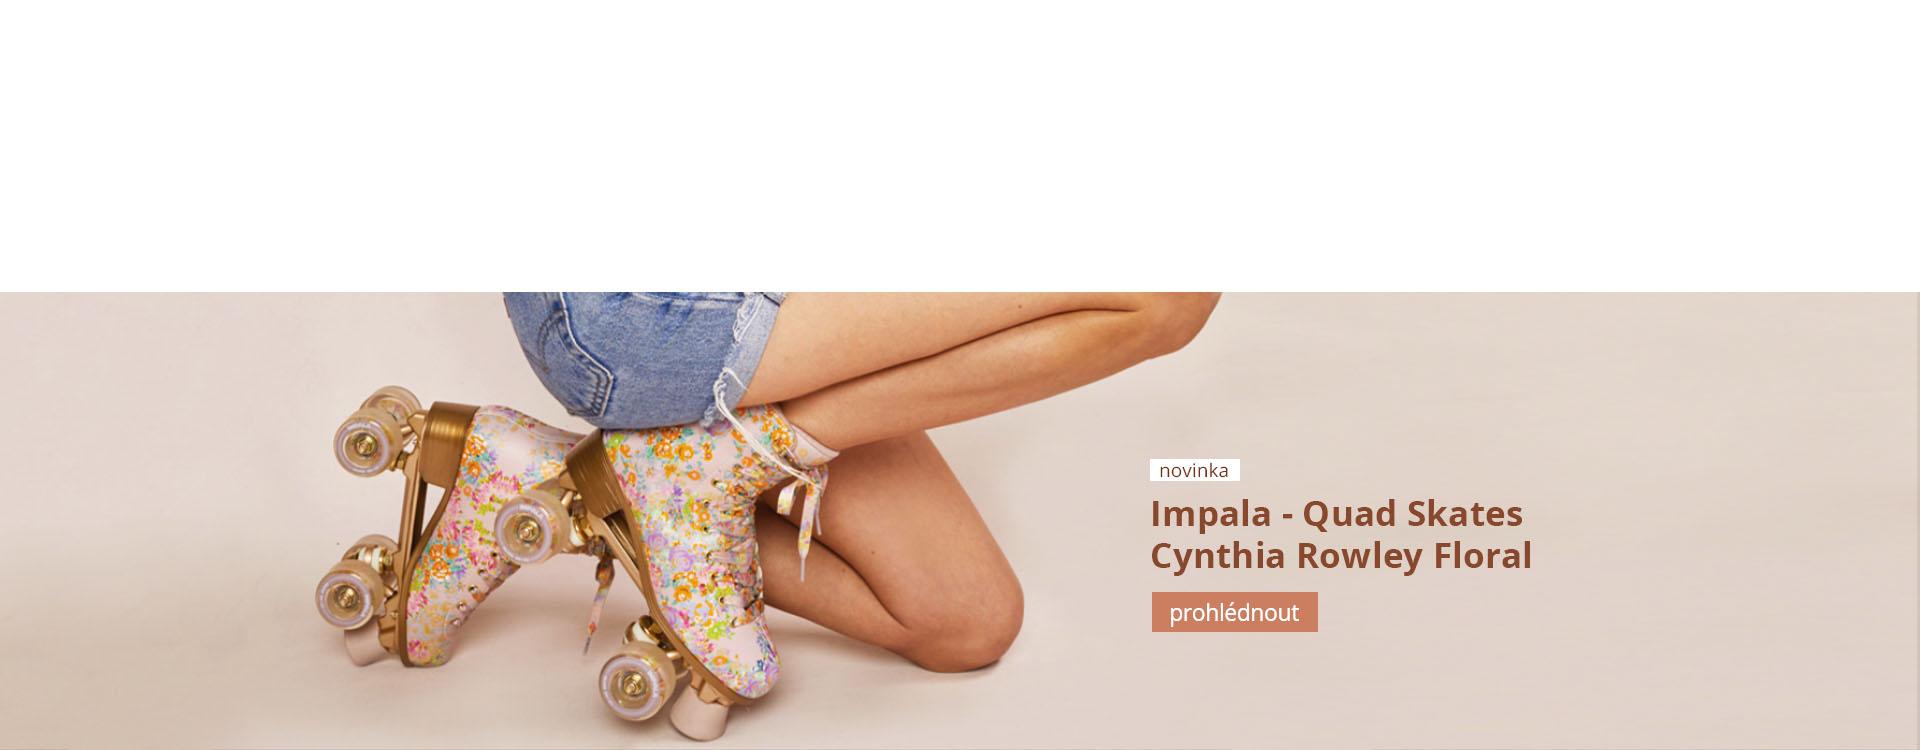 Impala - Quad Skates - Cynthia Rowley Floral